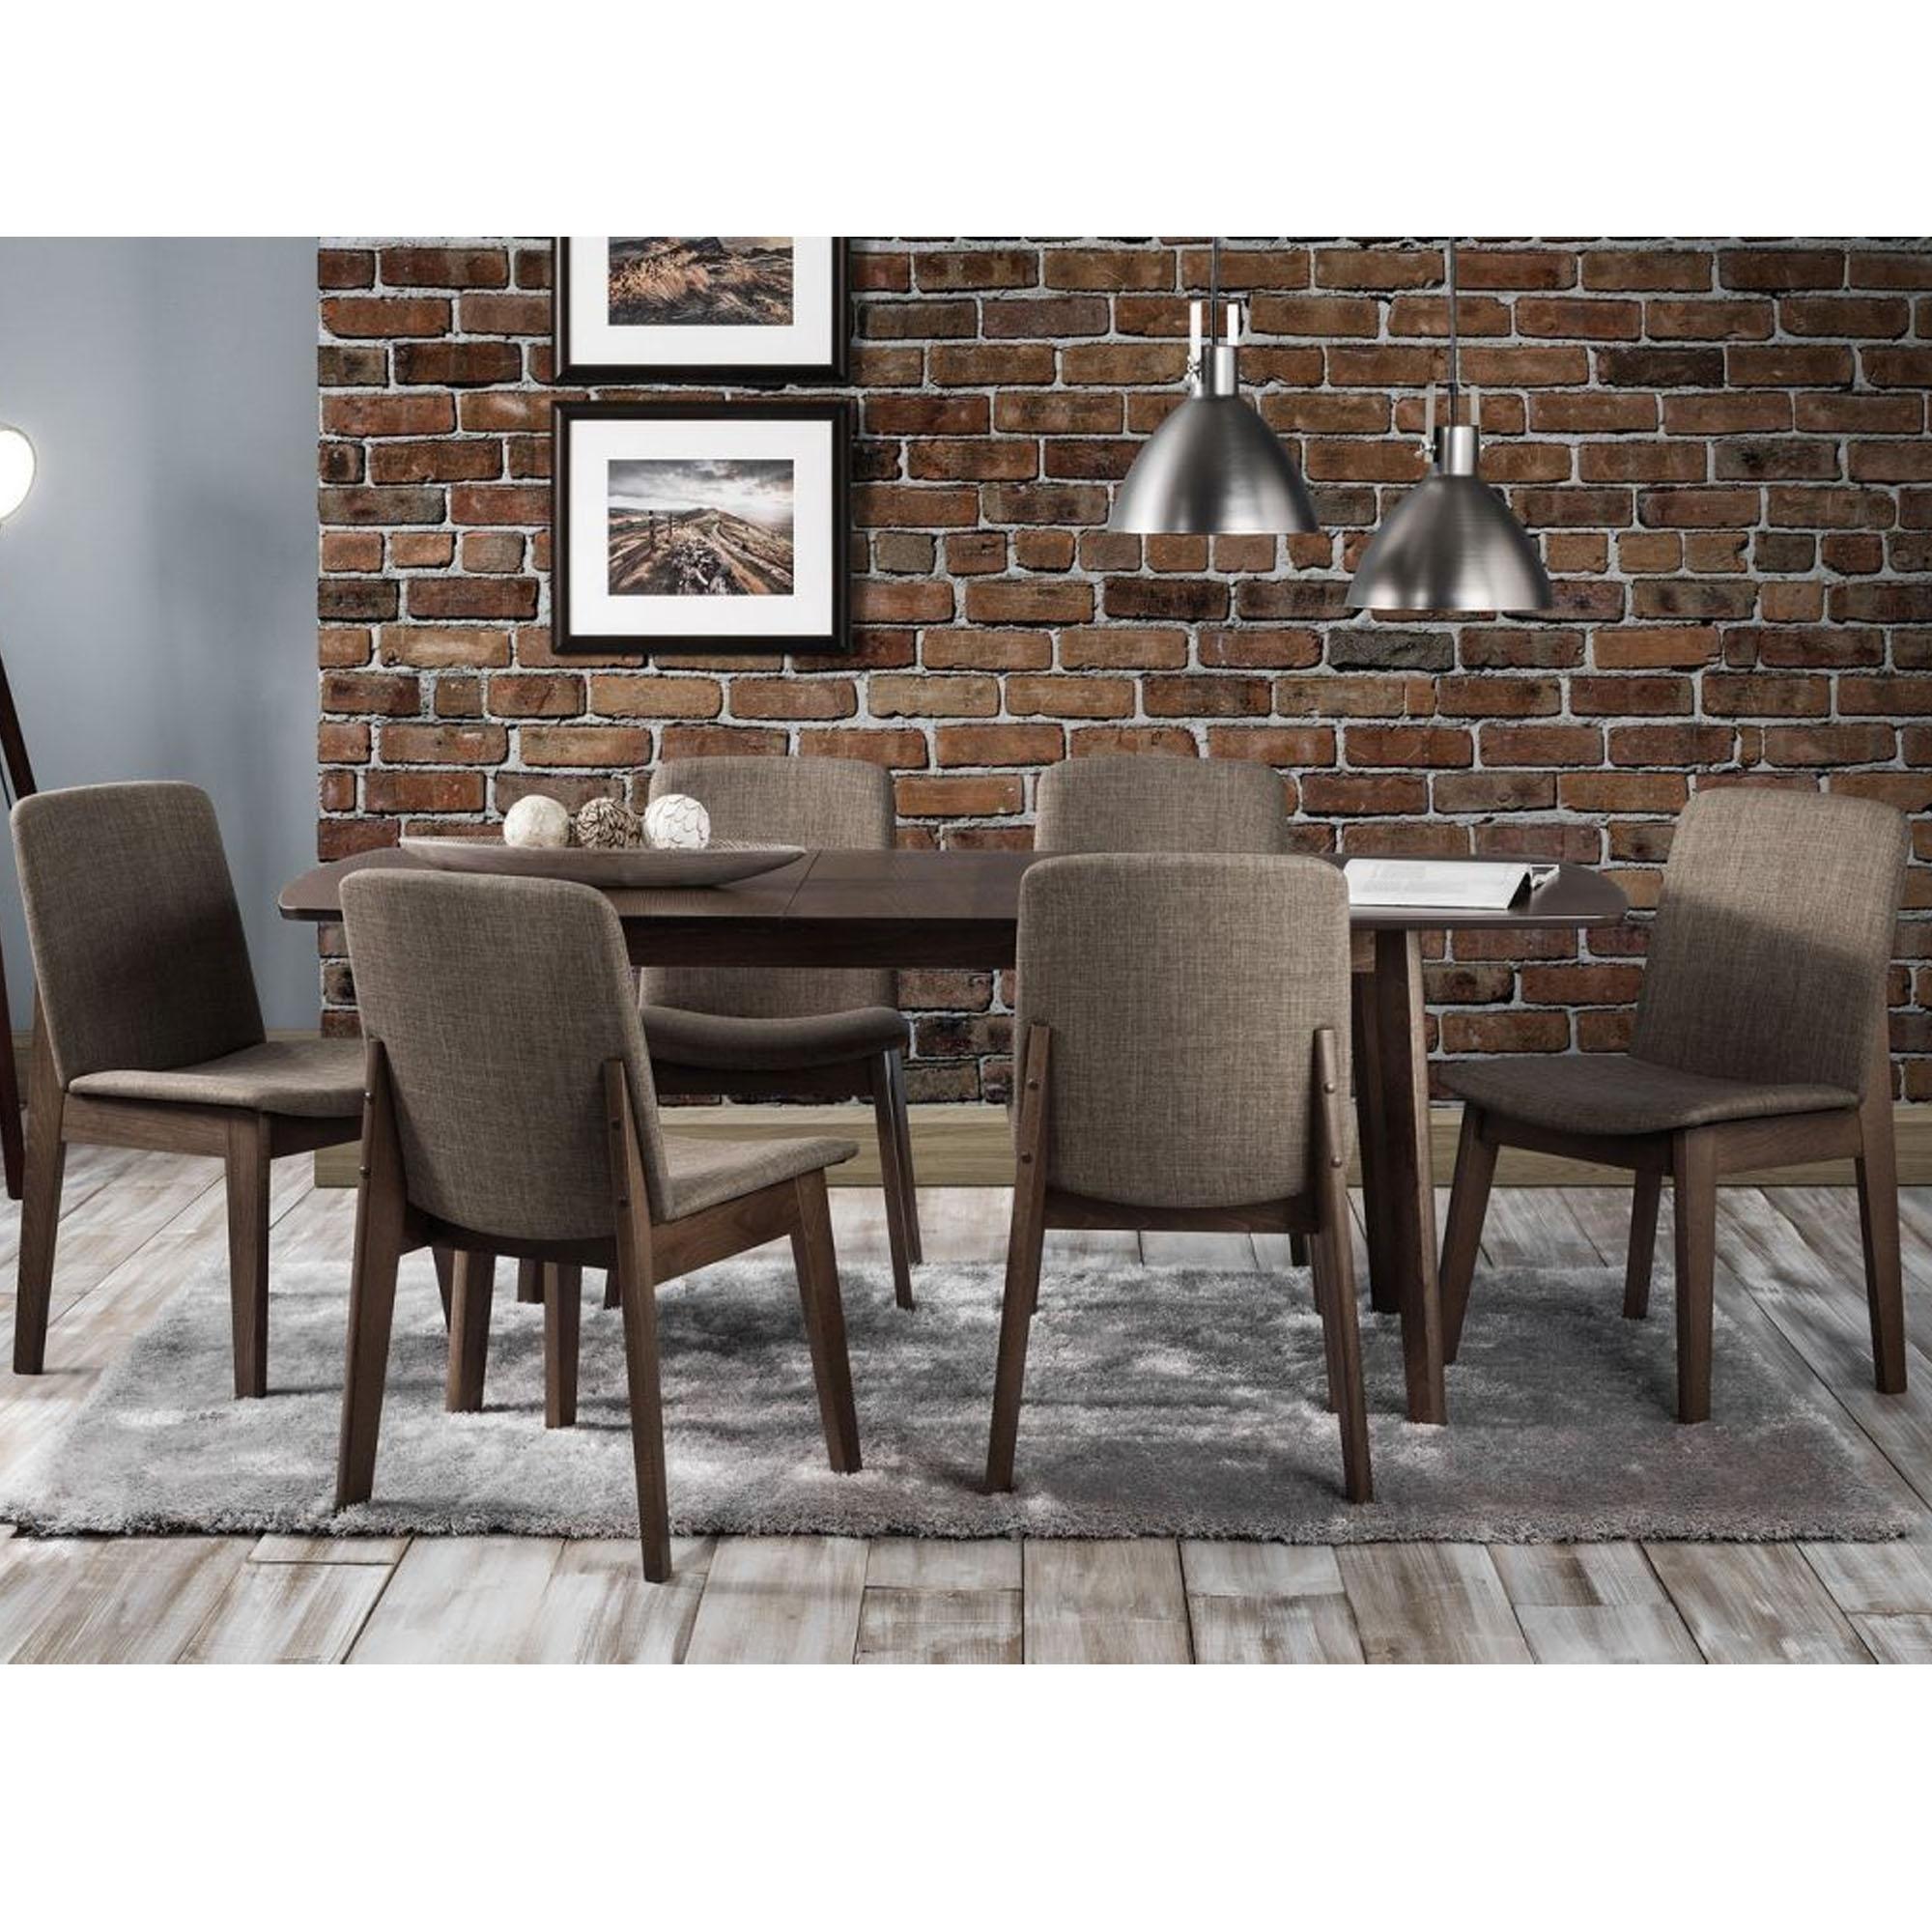 Kensington extending beech dining set modern dining furniture